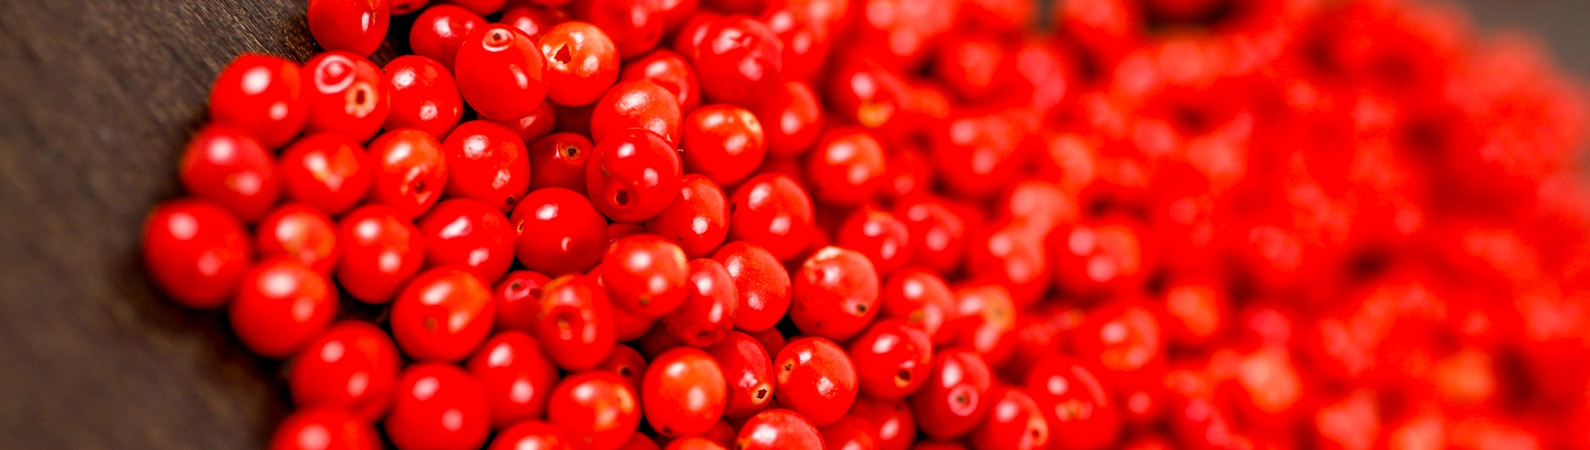 Poivres rouges